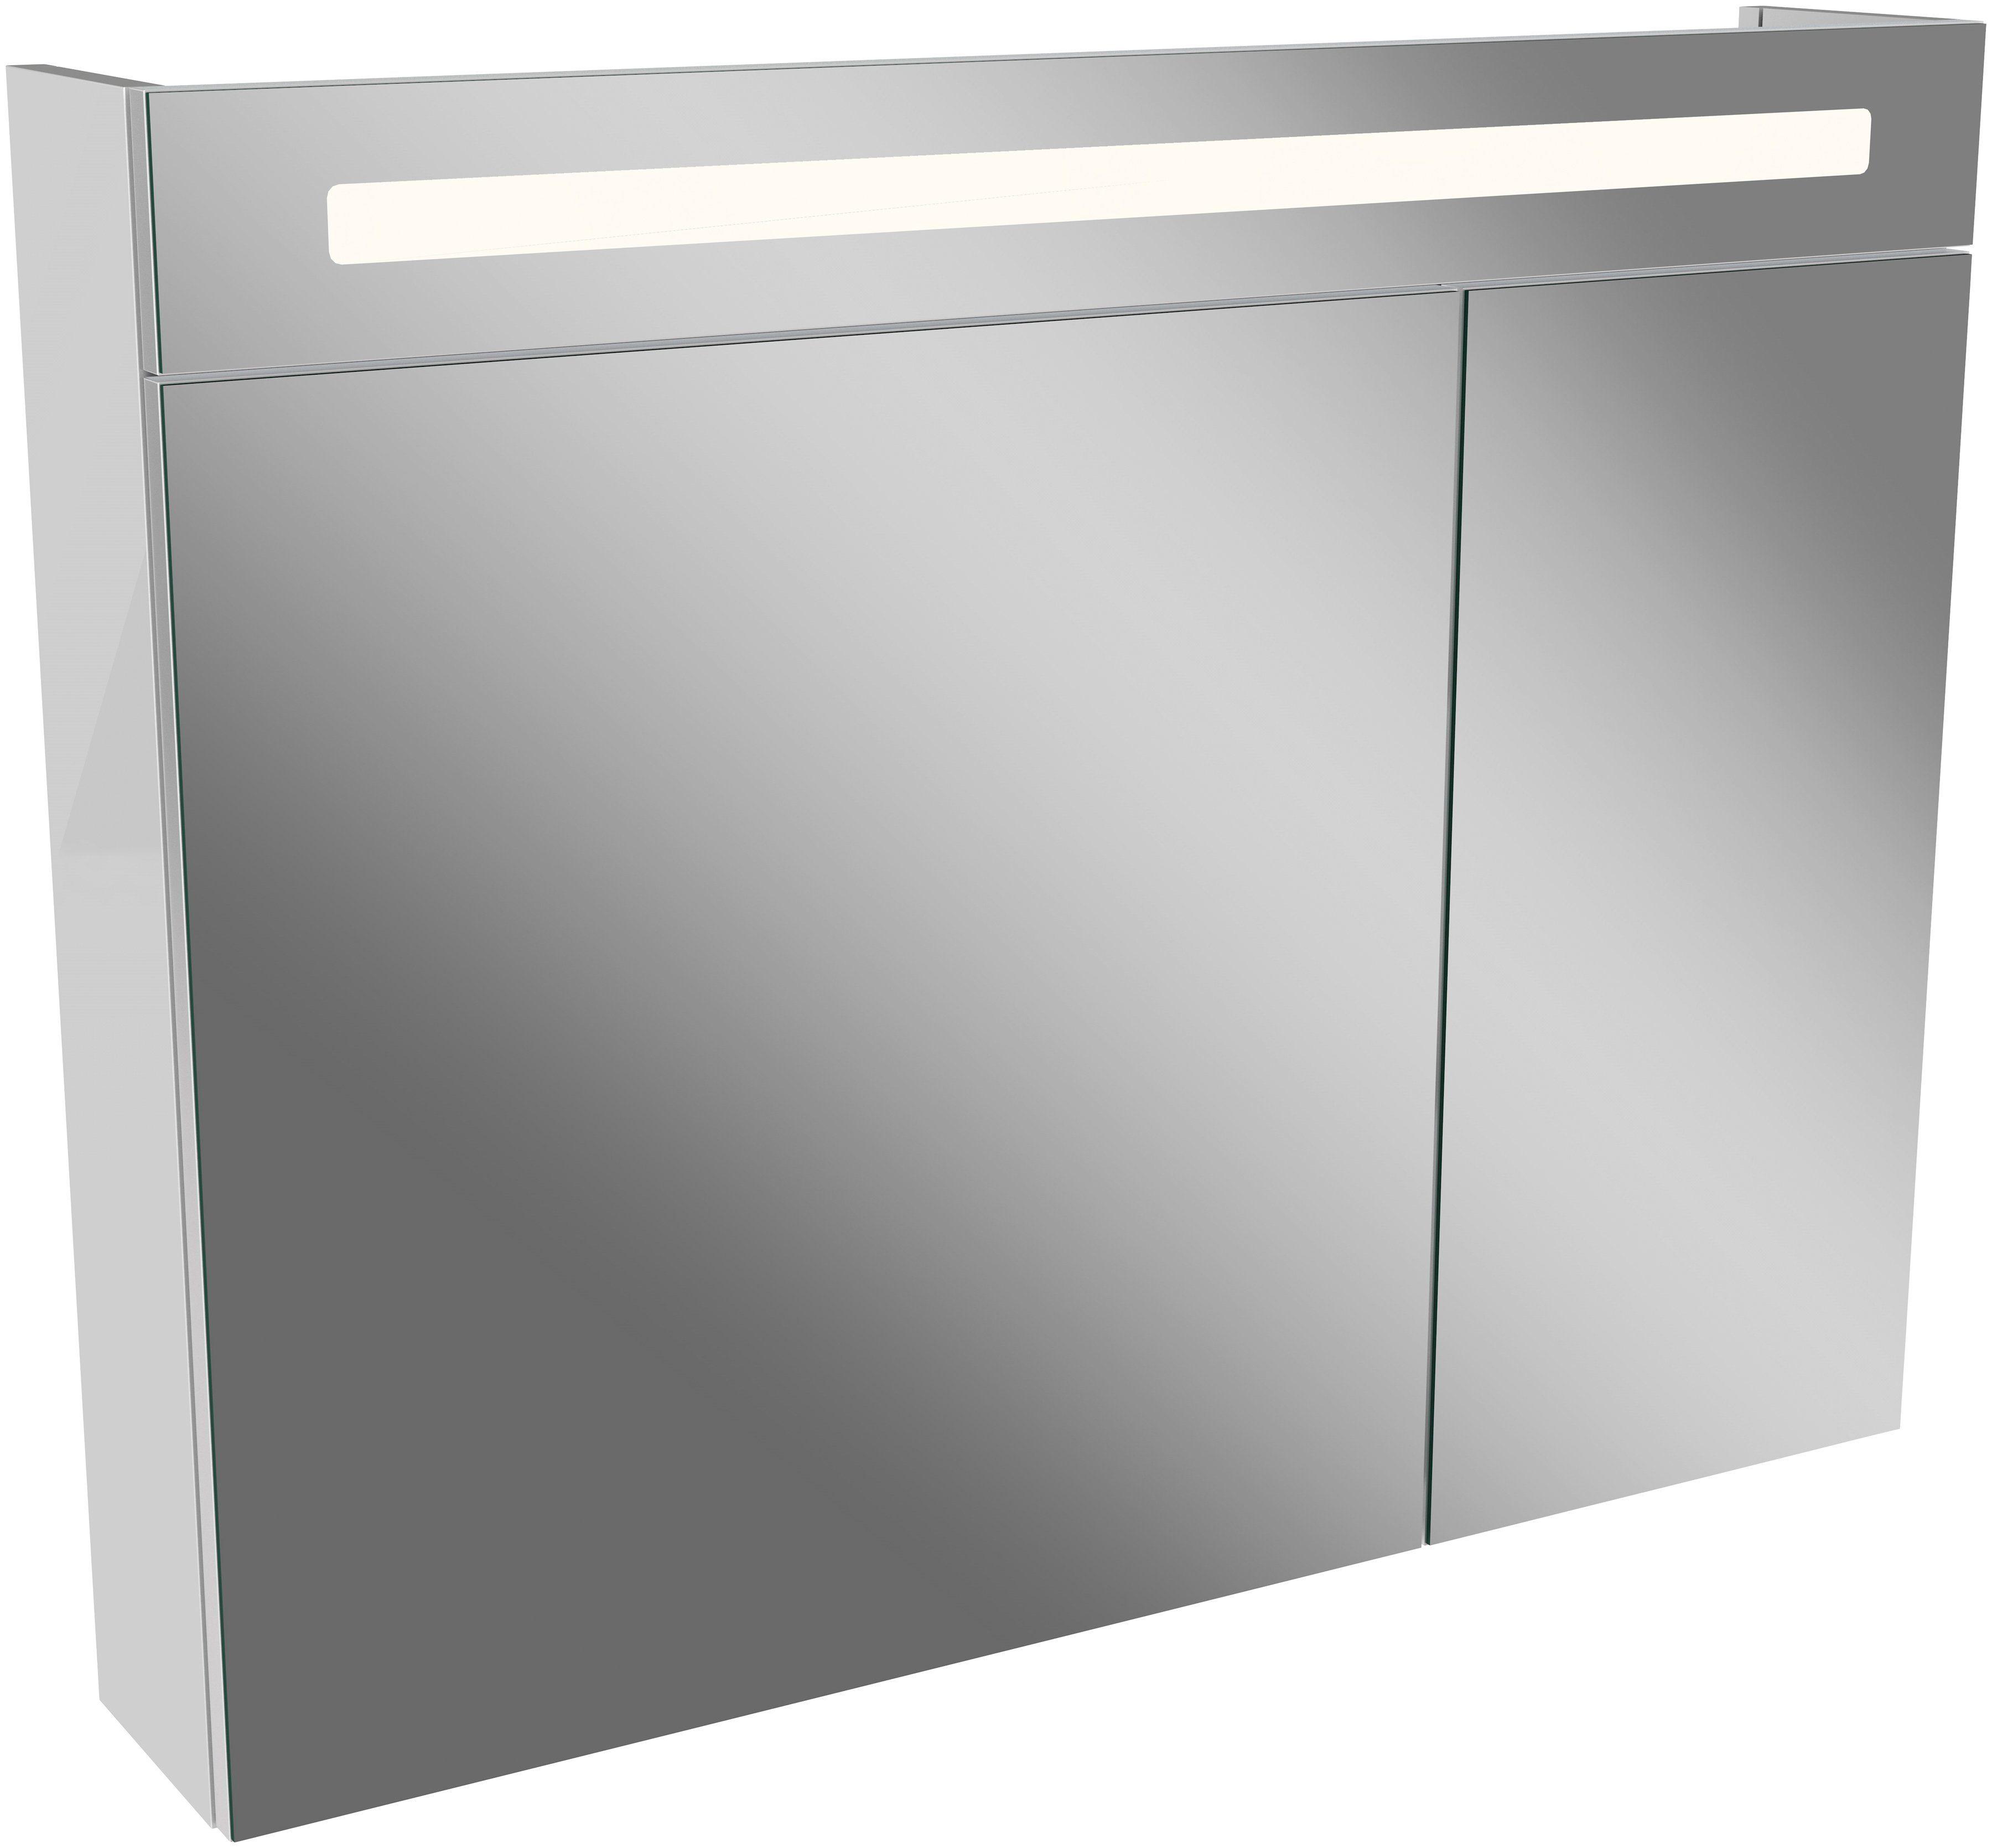 FACKELMANN Spiegelschrank »LN 90 - weiß«, Breite 90 cm, 2 Türen